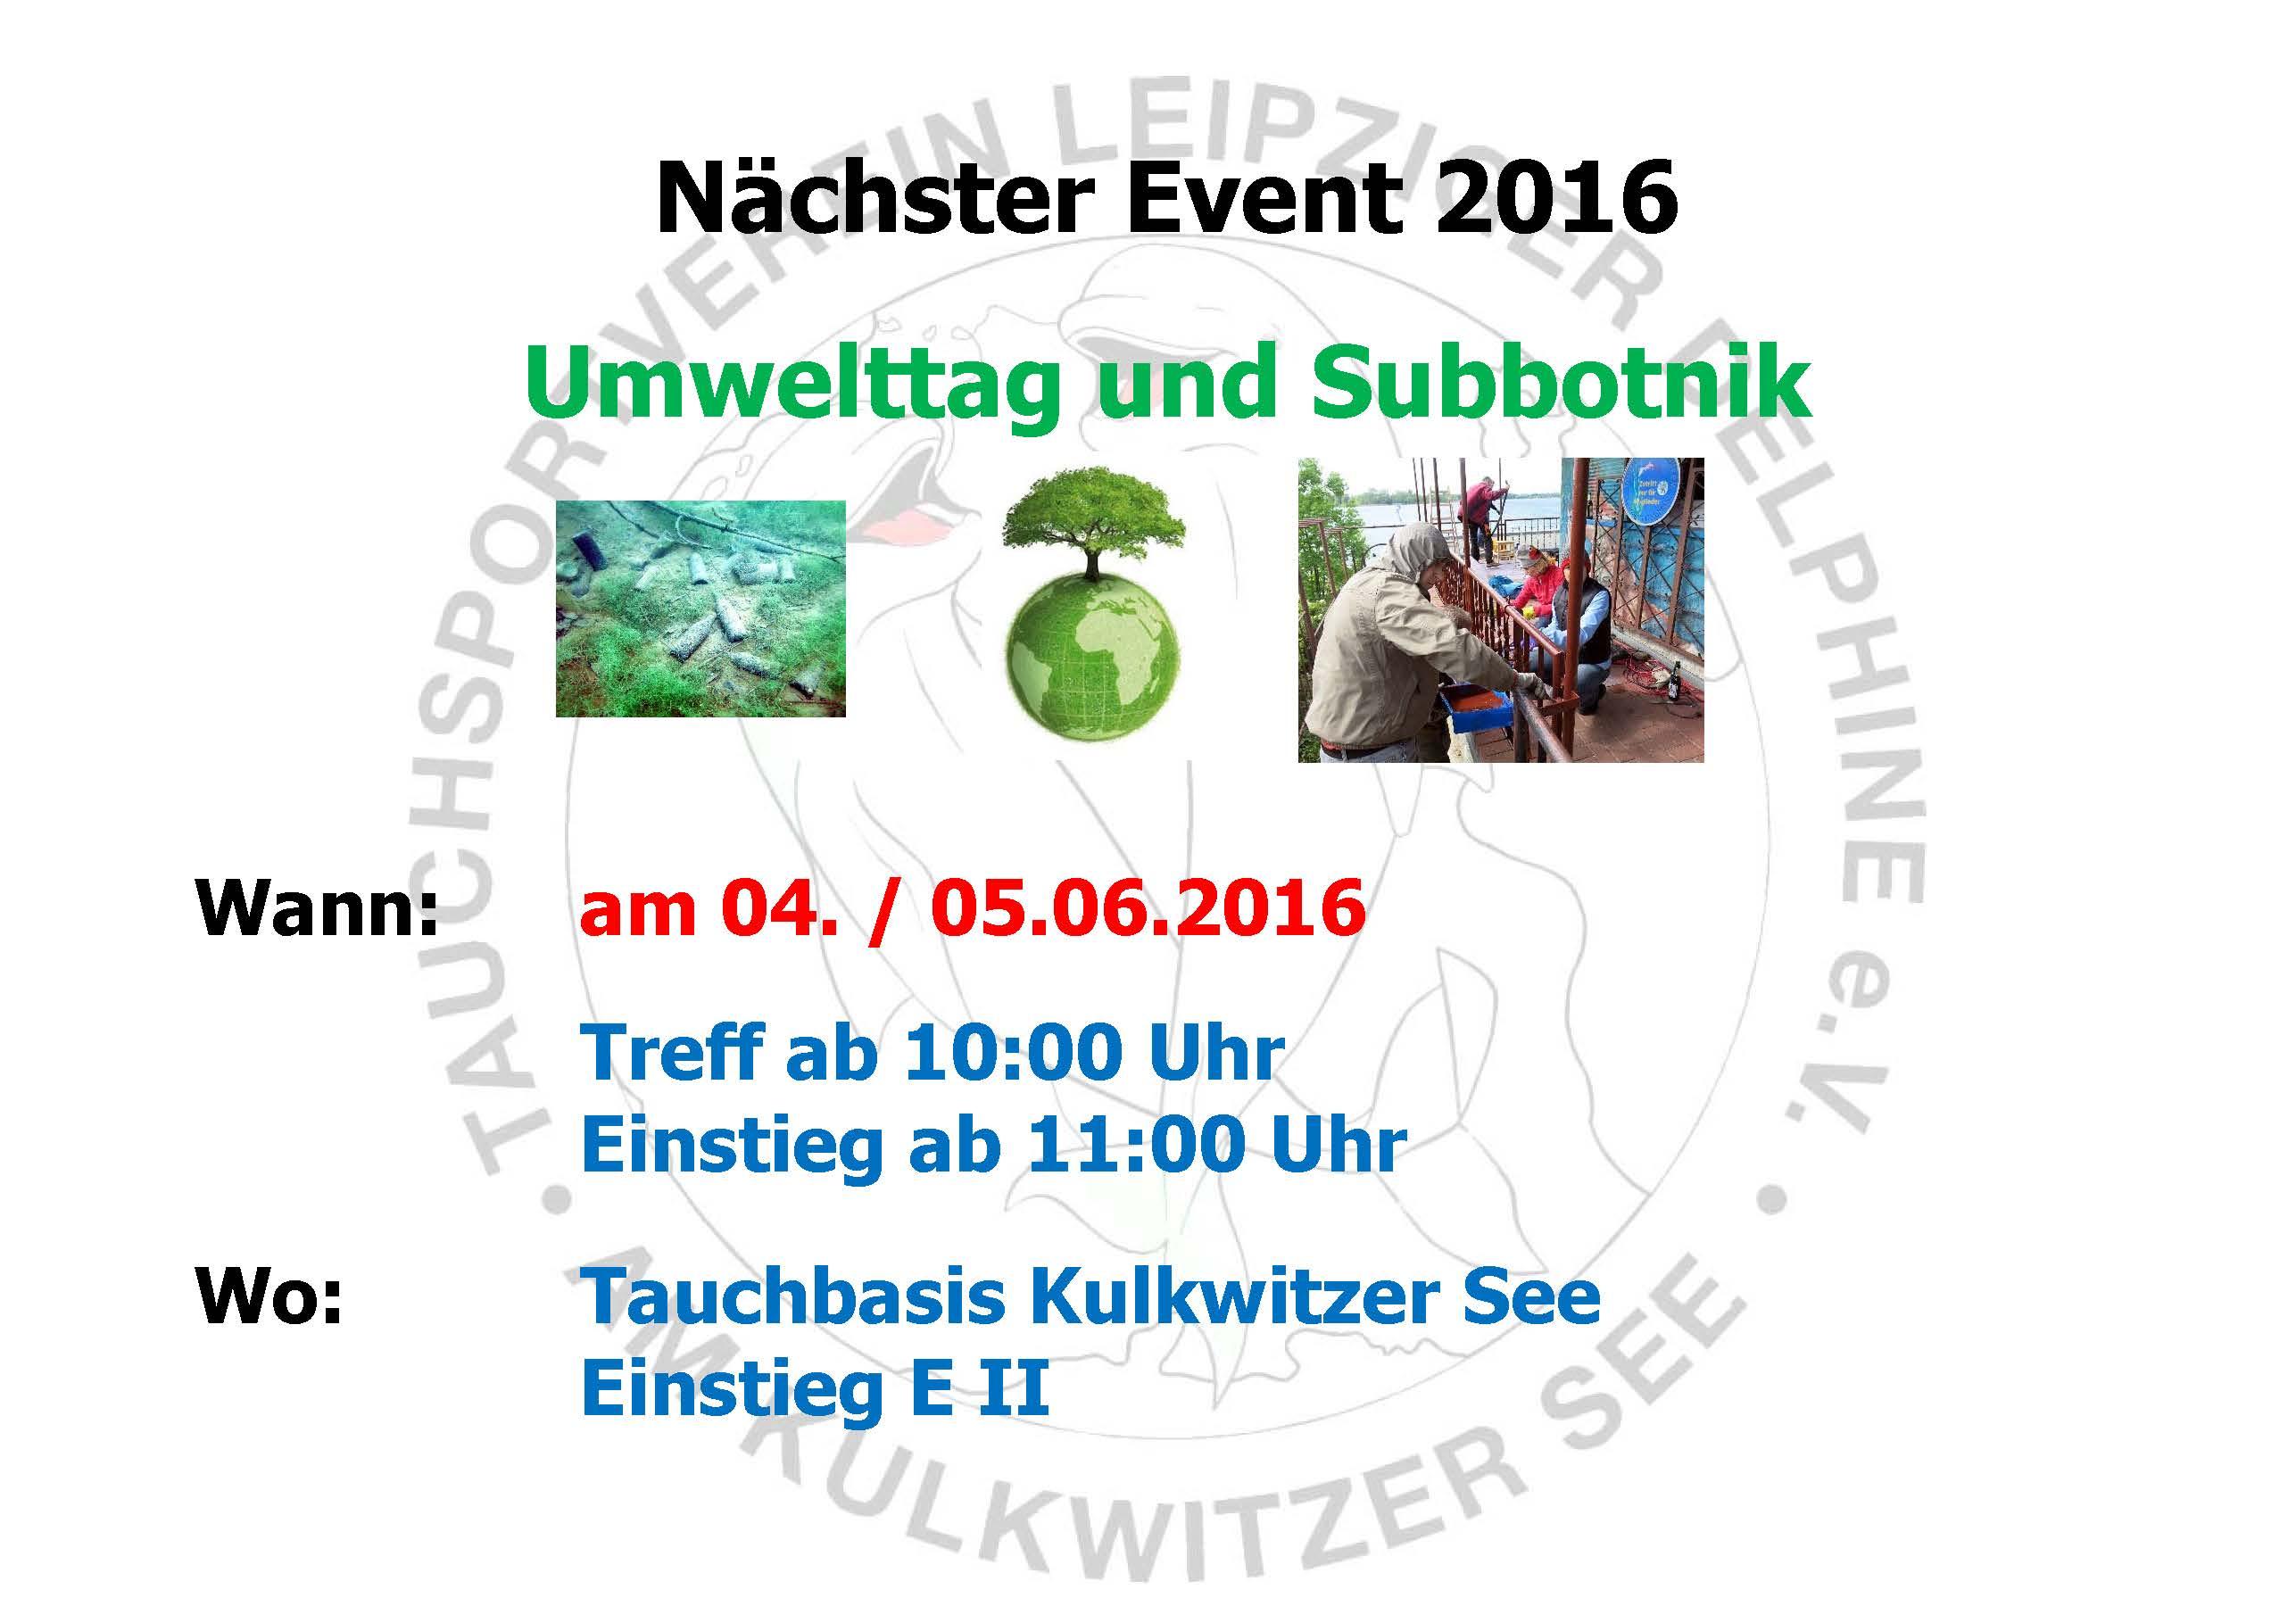 2016 05 10 Nächstes Event Delphine Umwelttag Juni 2016